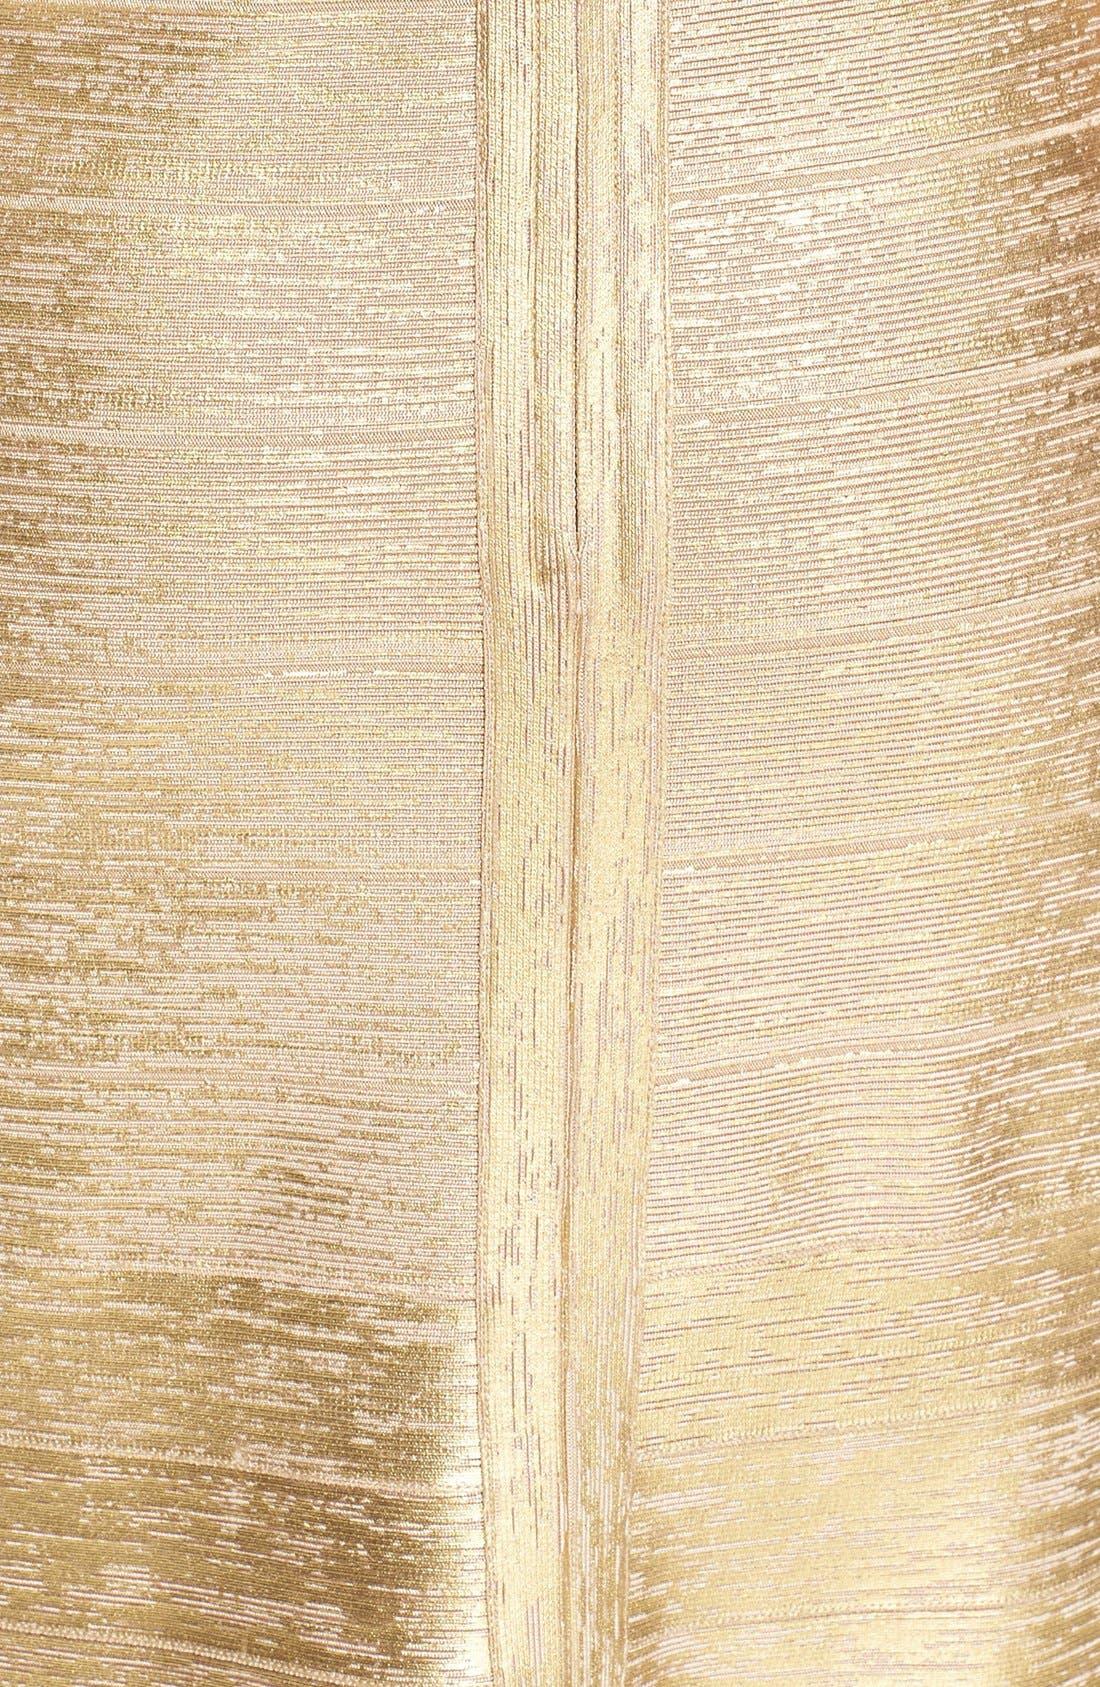 Alternate Image 3  - Herve Leger 'Lilyanna' One-Shoulder Woodgrain Metallic Gown